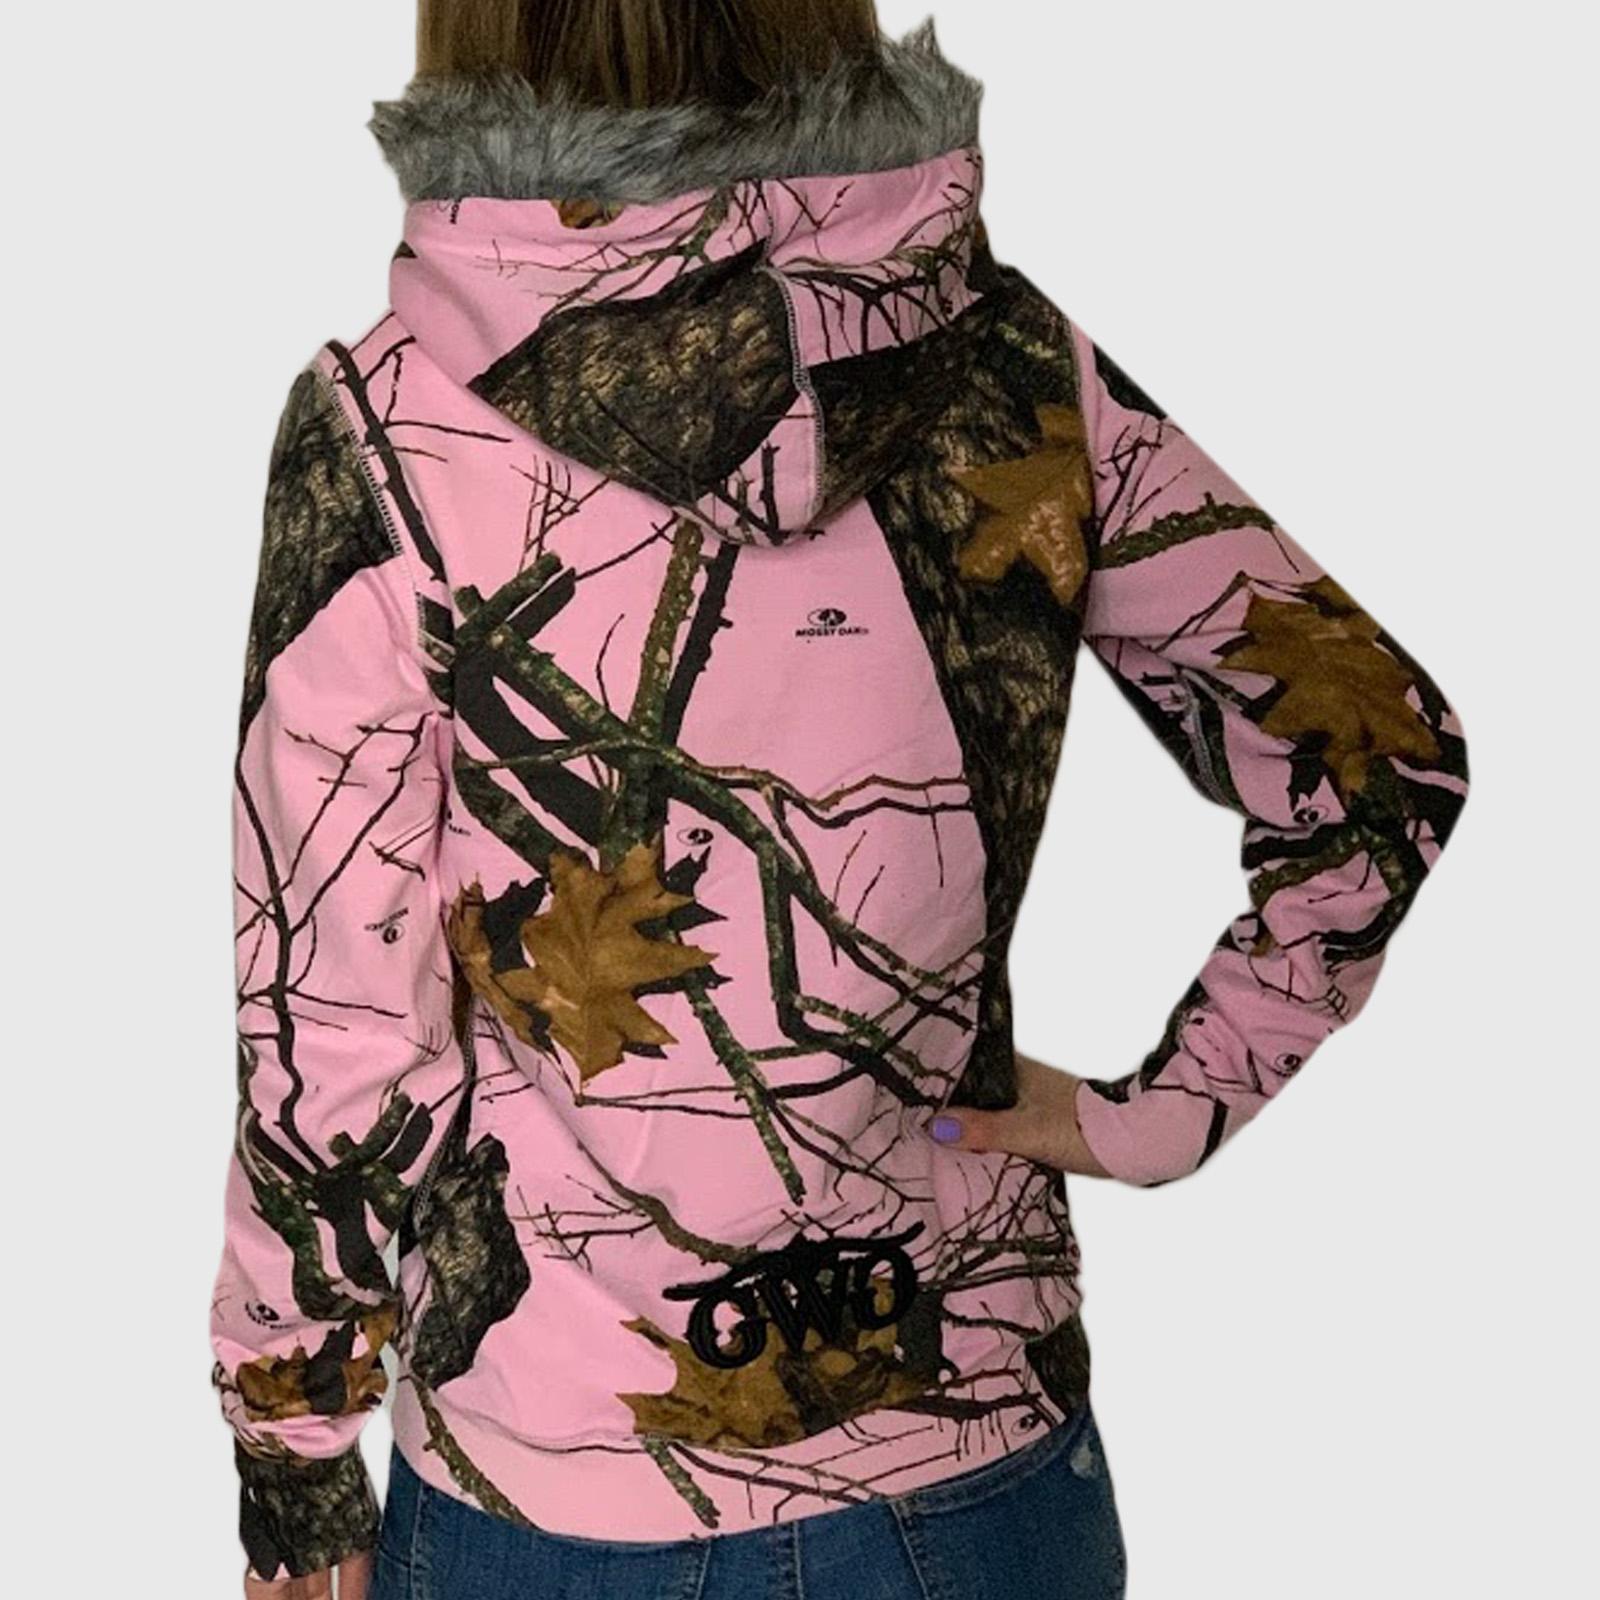 Крутая женская толстовка от ТМ Girls with guns – покупай вместо куртки